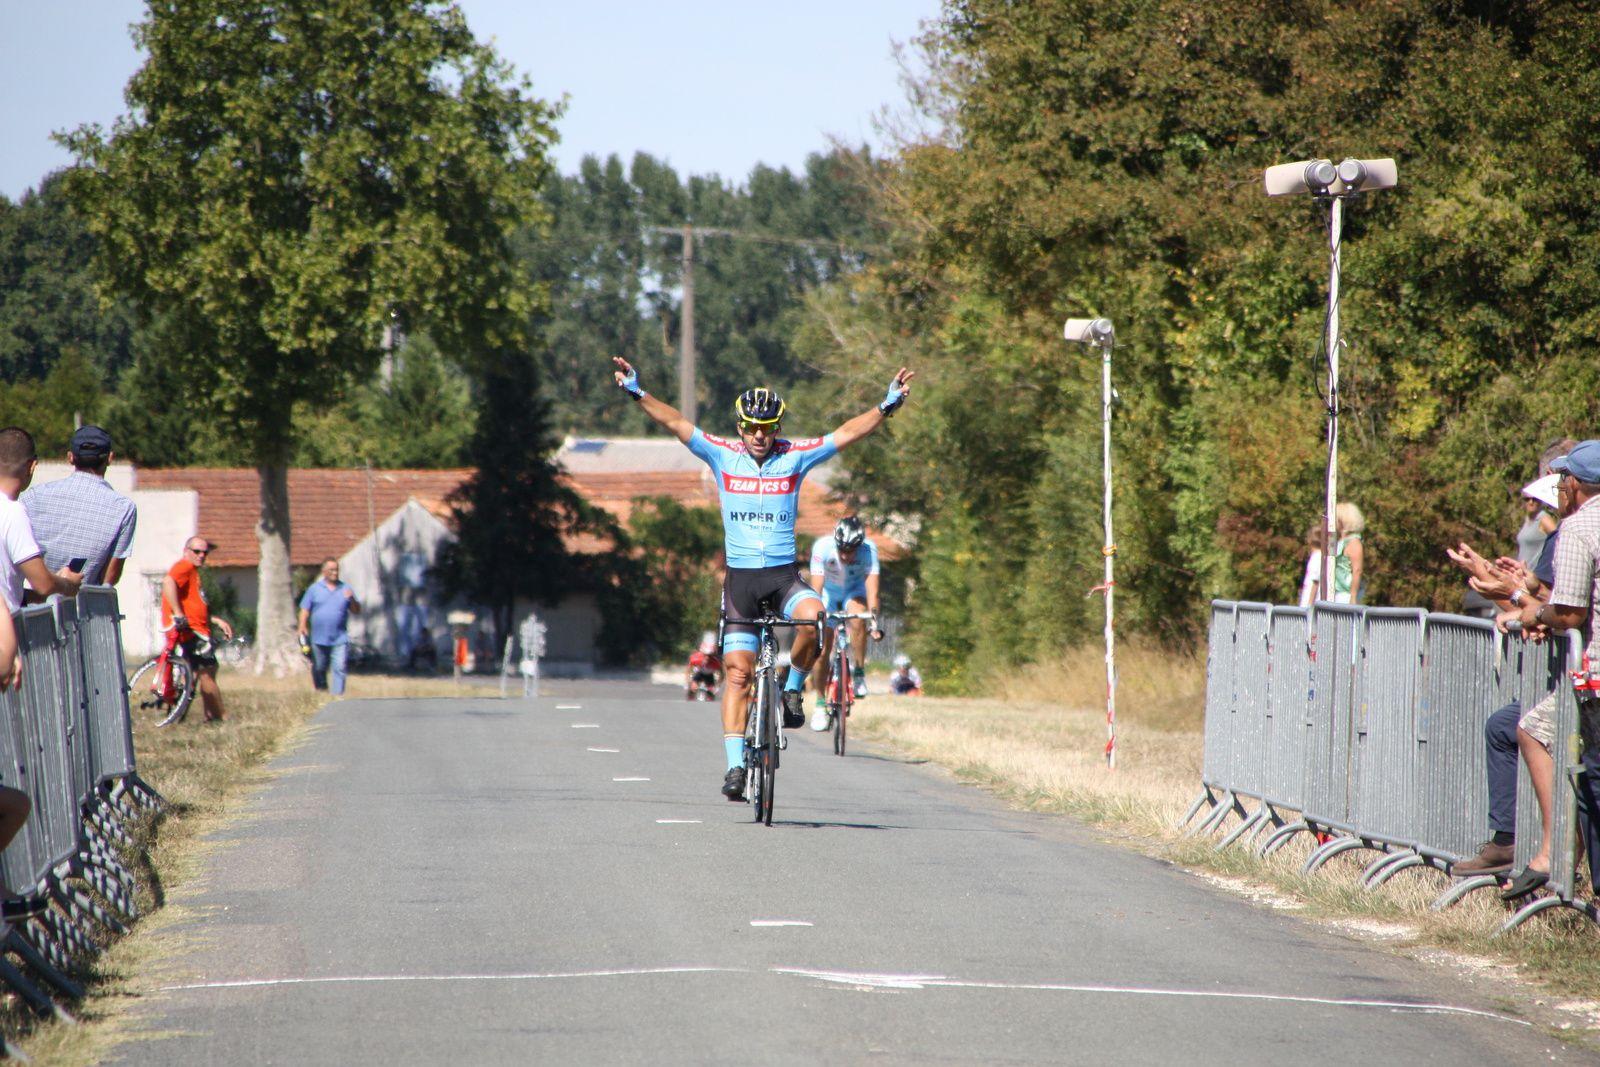 L'arrivée  et  la  victoire  pour  Philippe  LECHAVALIER(VC  Saintes)  déjà  vainqueur  samedi  dernier  à  Le Gua